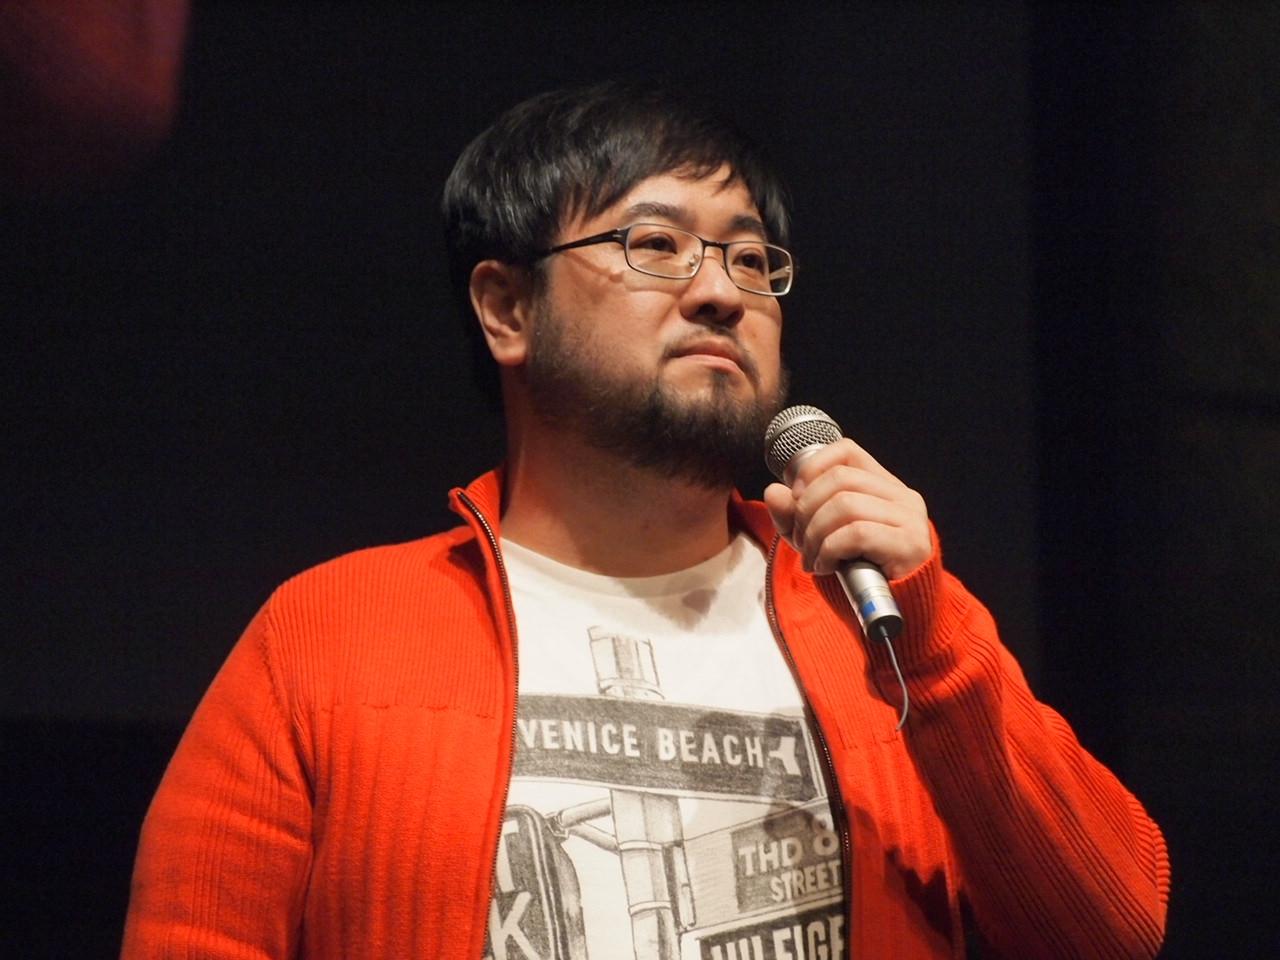 NCSOFT ブレイドアンドソウル テクニカルディレクター ホン・ソックン氏